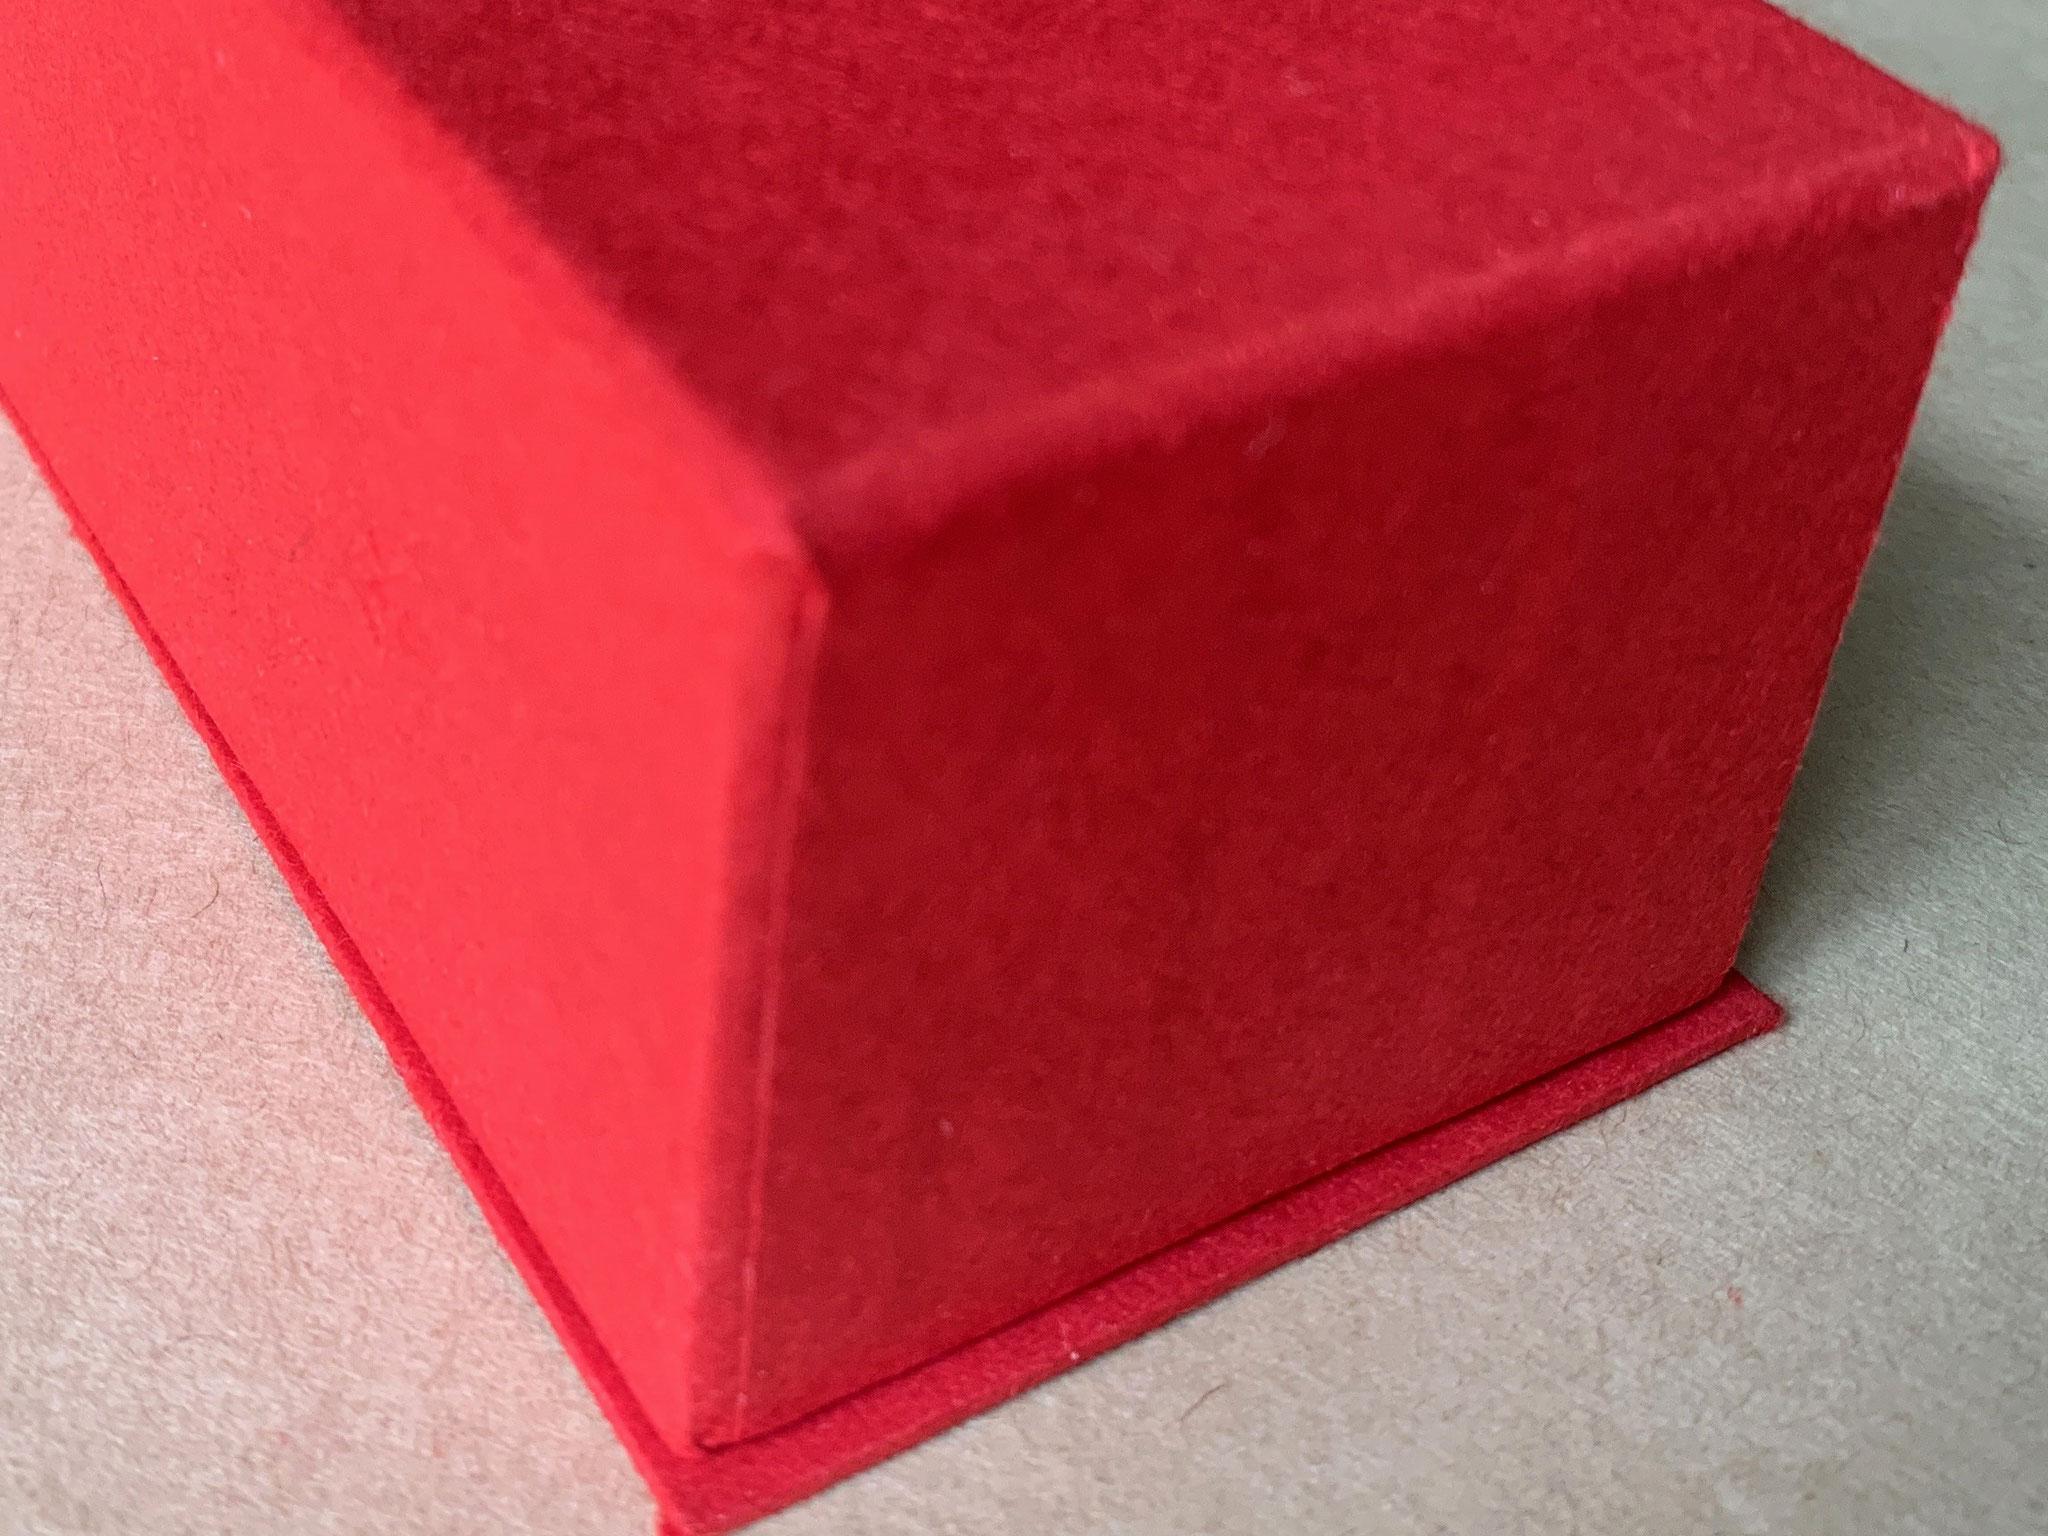 通常のかぶせ型に底板が付いた貼り箱